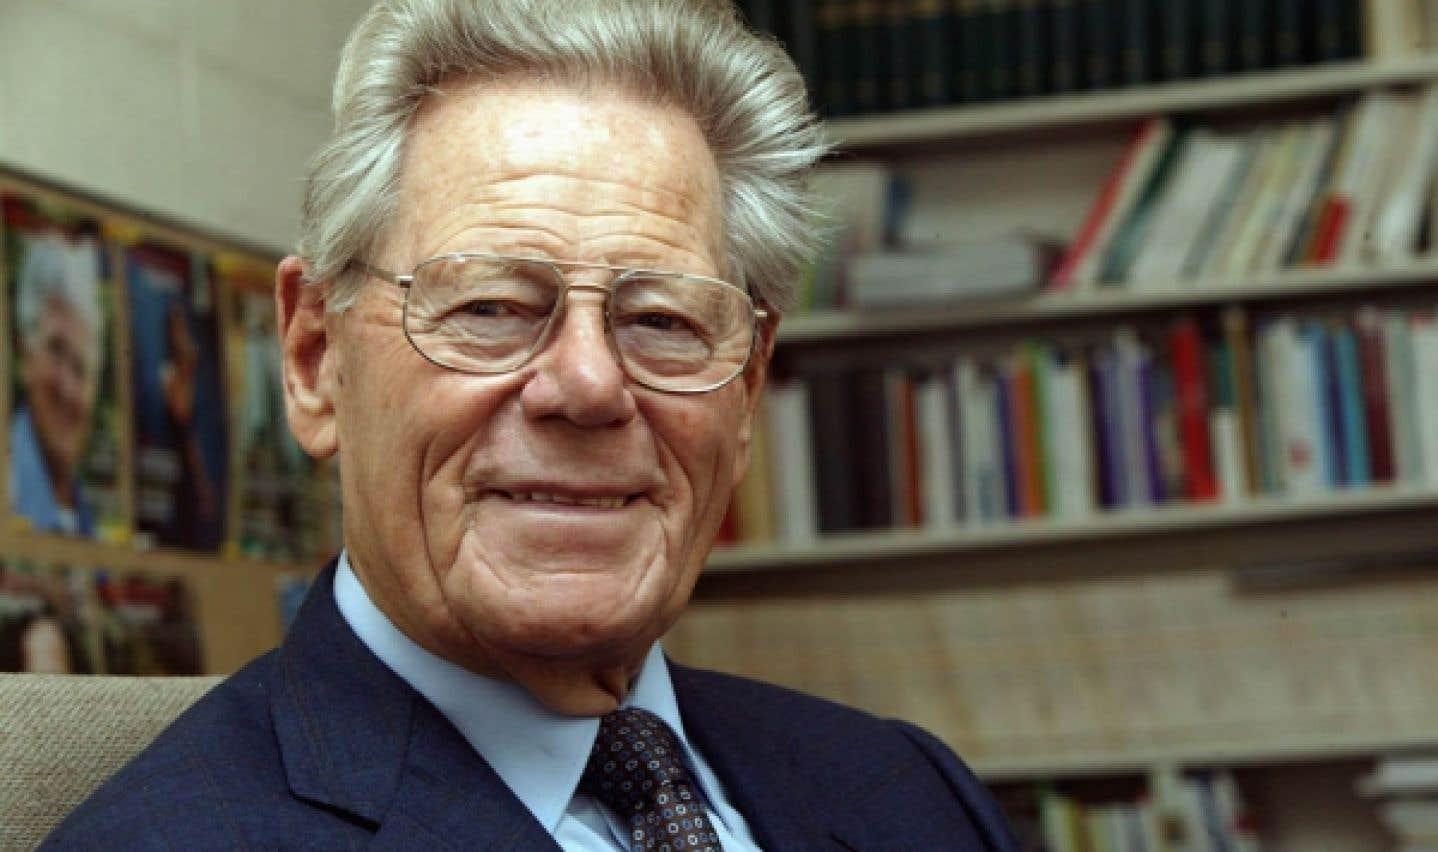 Hans Küng est un géant de l'Église catholique et l'un des plus grands théologiens du temps présent, selon Yvon Métras, directeur de l'édition pour le livre français chez Novalis.